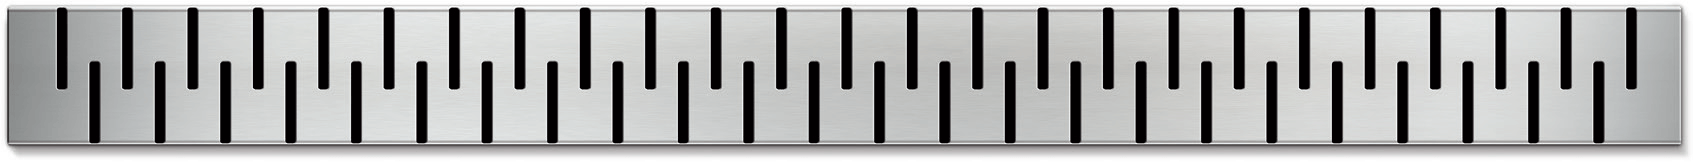 Водоотводящие желоба с рамкой из нерж. стали - medium-reshetka-glyanets - miroslav-chudej-s-r-o - 350-x-415 - 1-7 - 1 - 200 - czech-republic